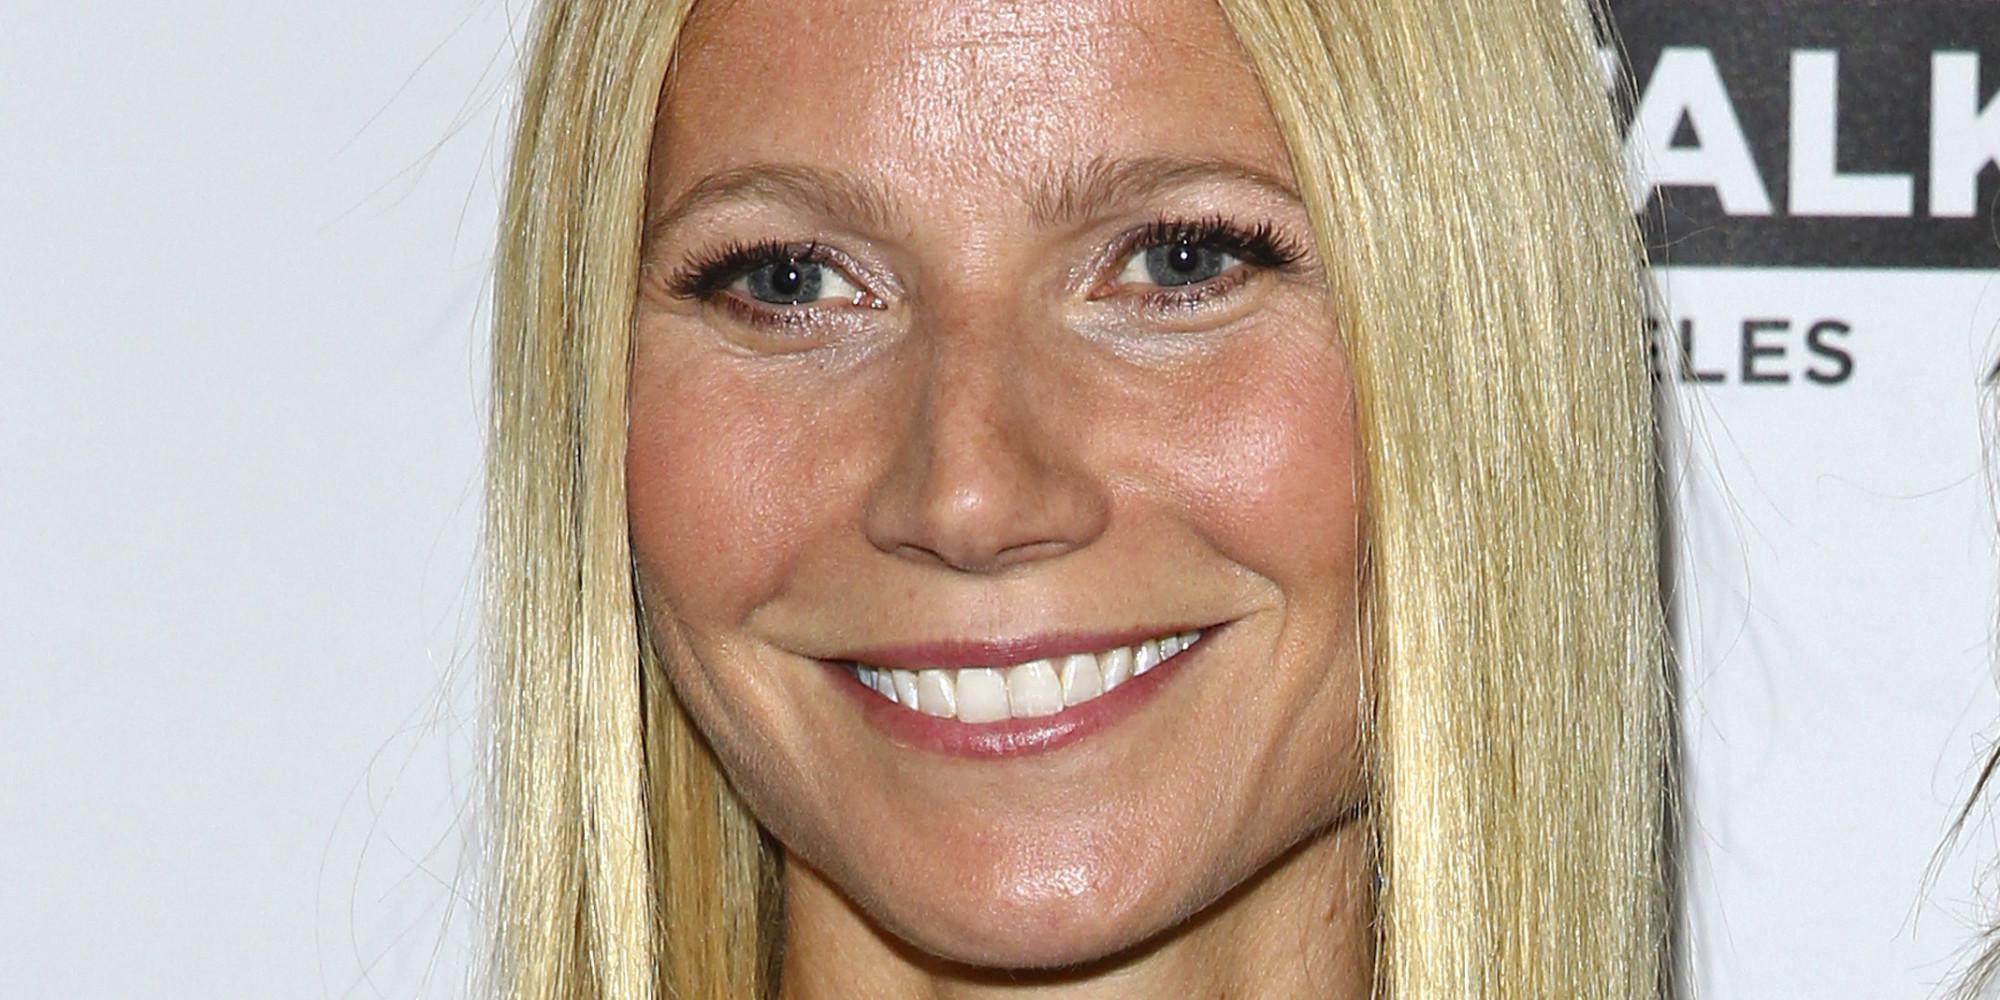 Gwyneth Paltrow Career Don't Let Gwyneth Paltrow